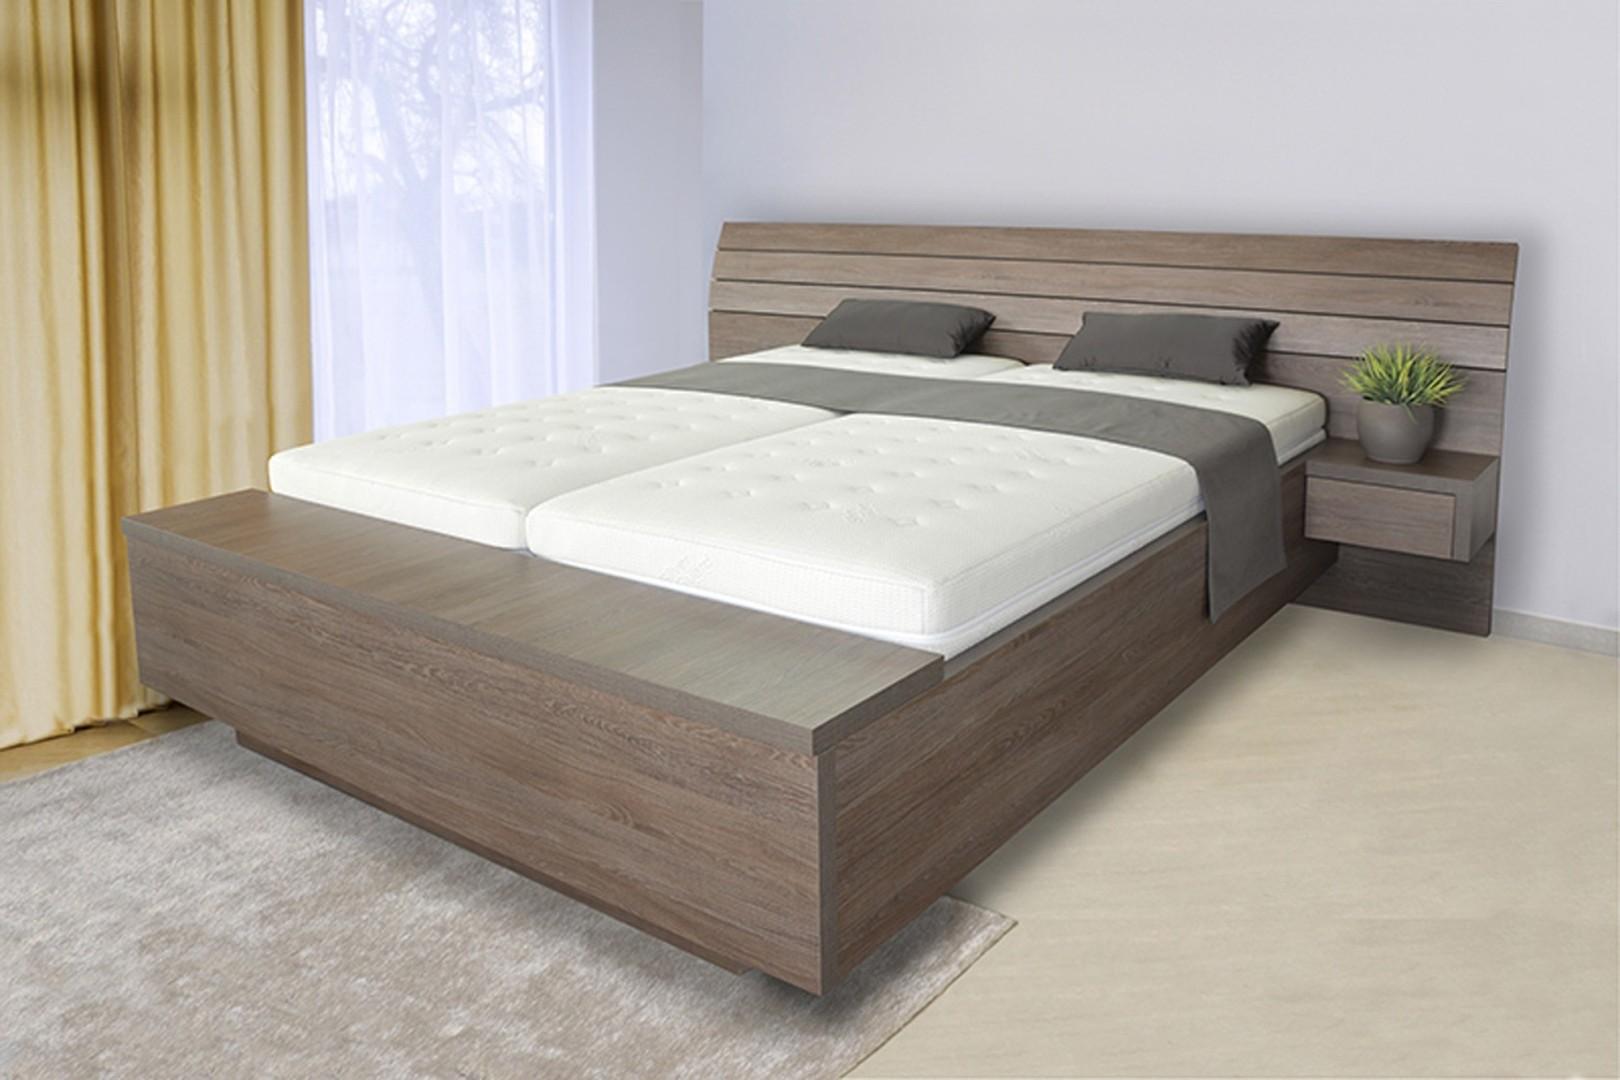 Ahorn SALINA BOX pri nohách - dvojlôžková posteľ s úložným boxom 180 x 200 cm dekor agát, 38 mm lamino